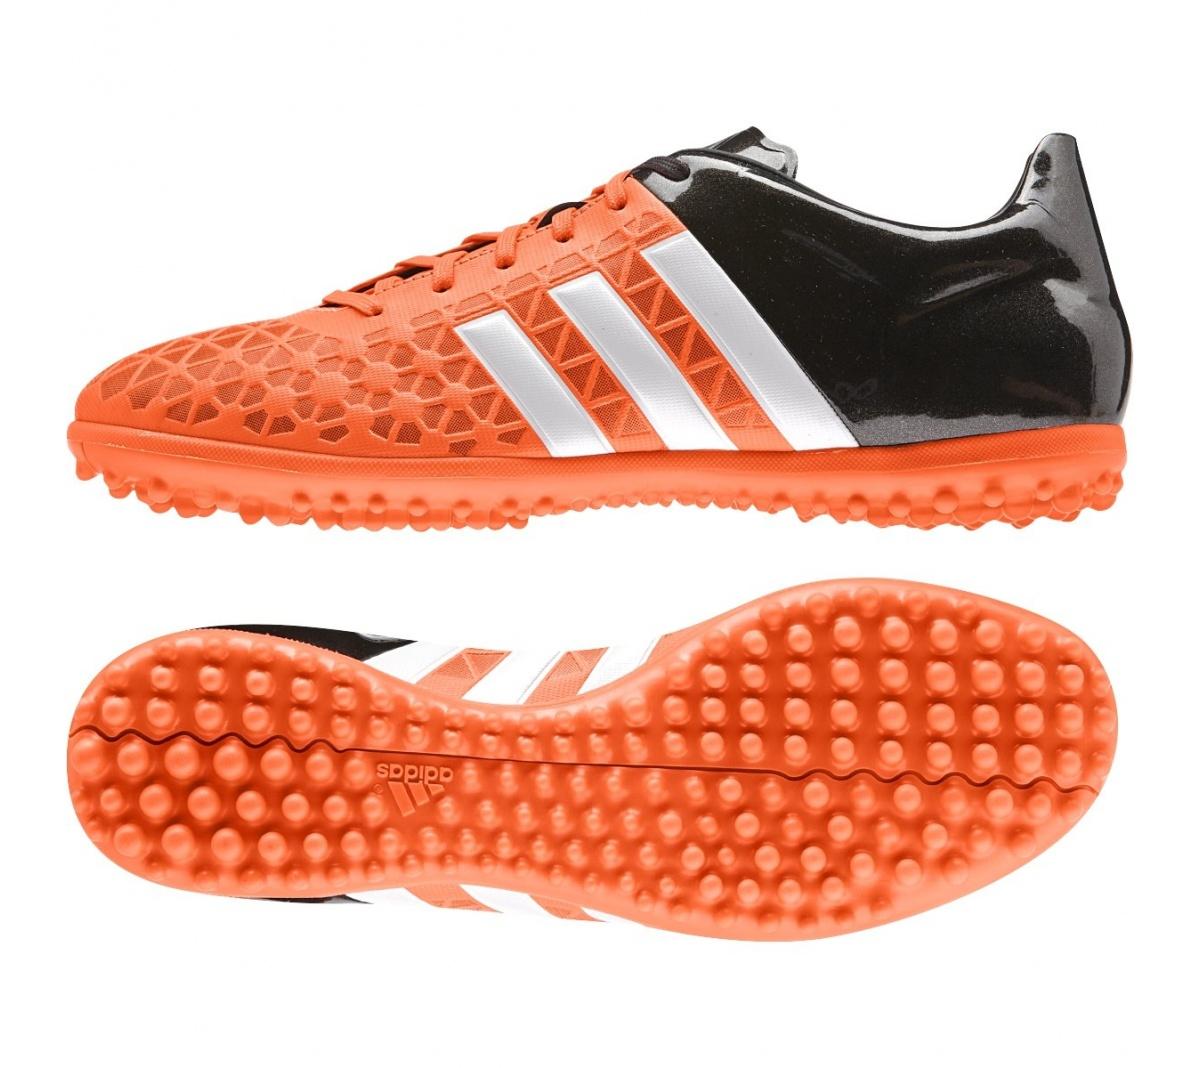 bab5b4b7ac Chuteira Adidas Ace 15.3 TF - Mundo do Futebol